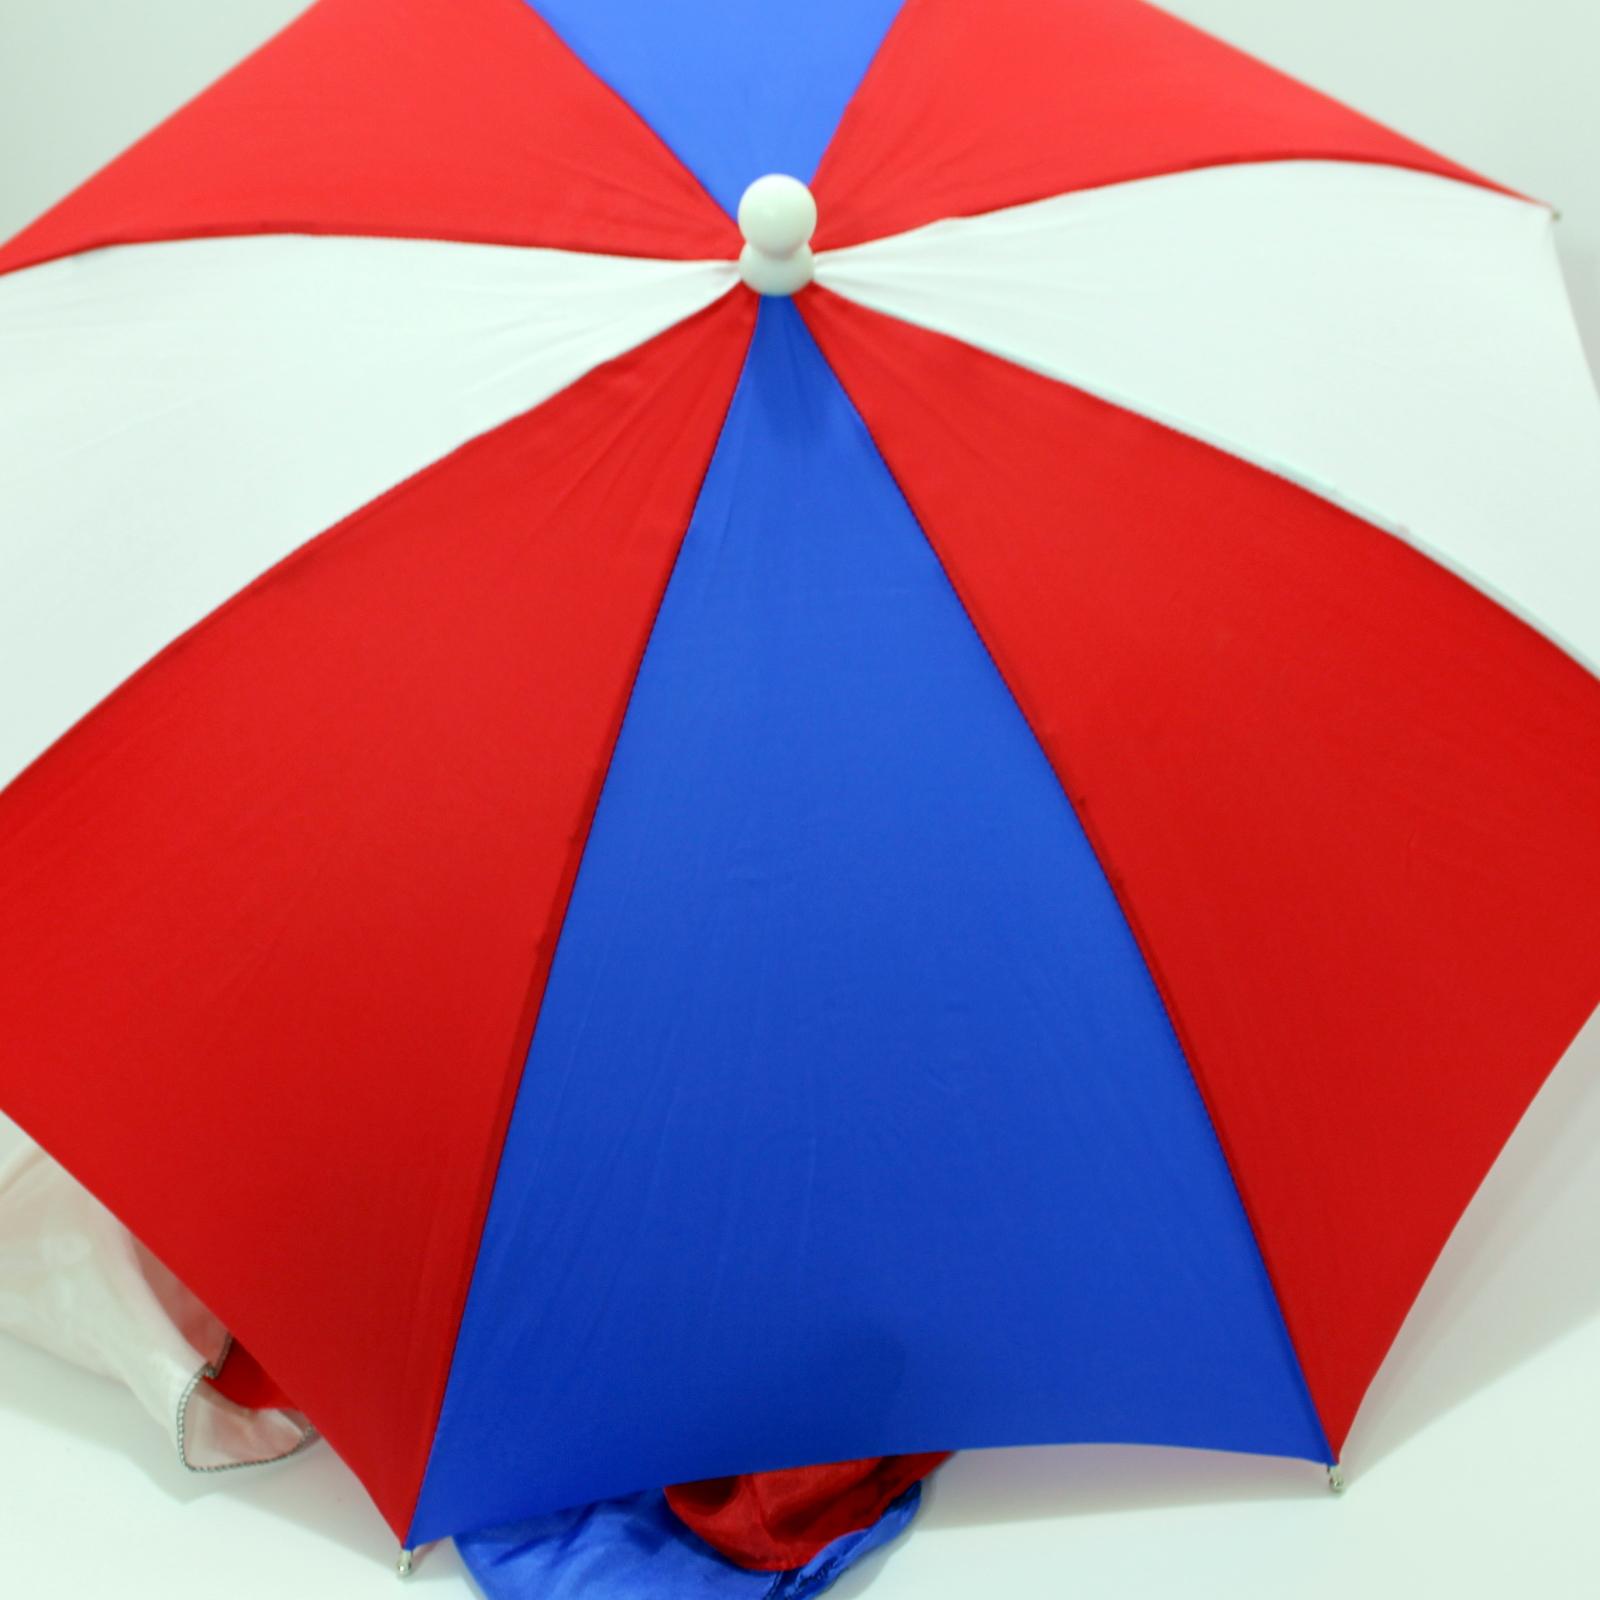 Umbrella Production, Junior by Magic Hands